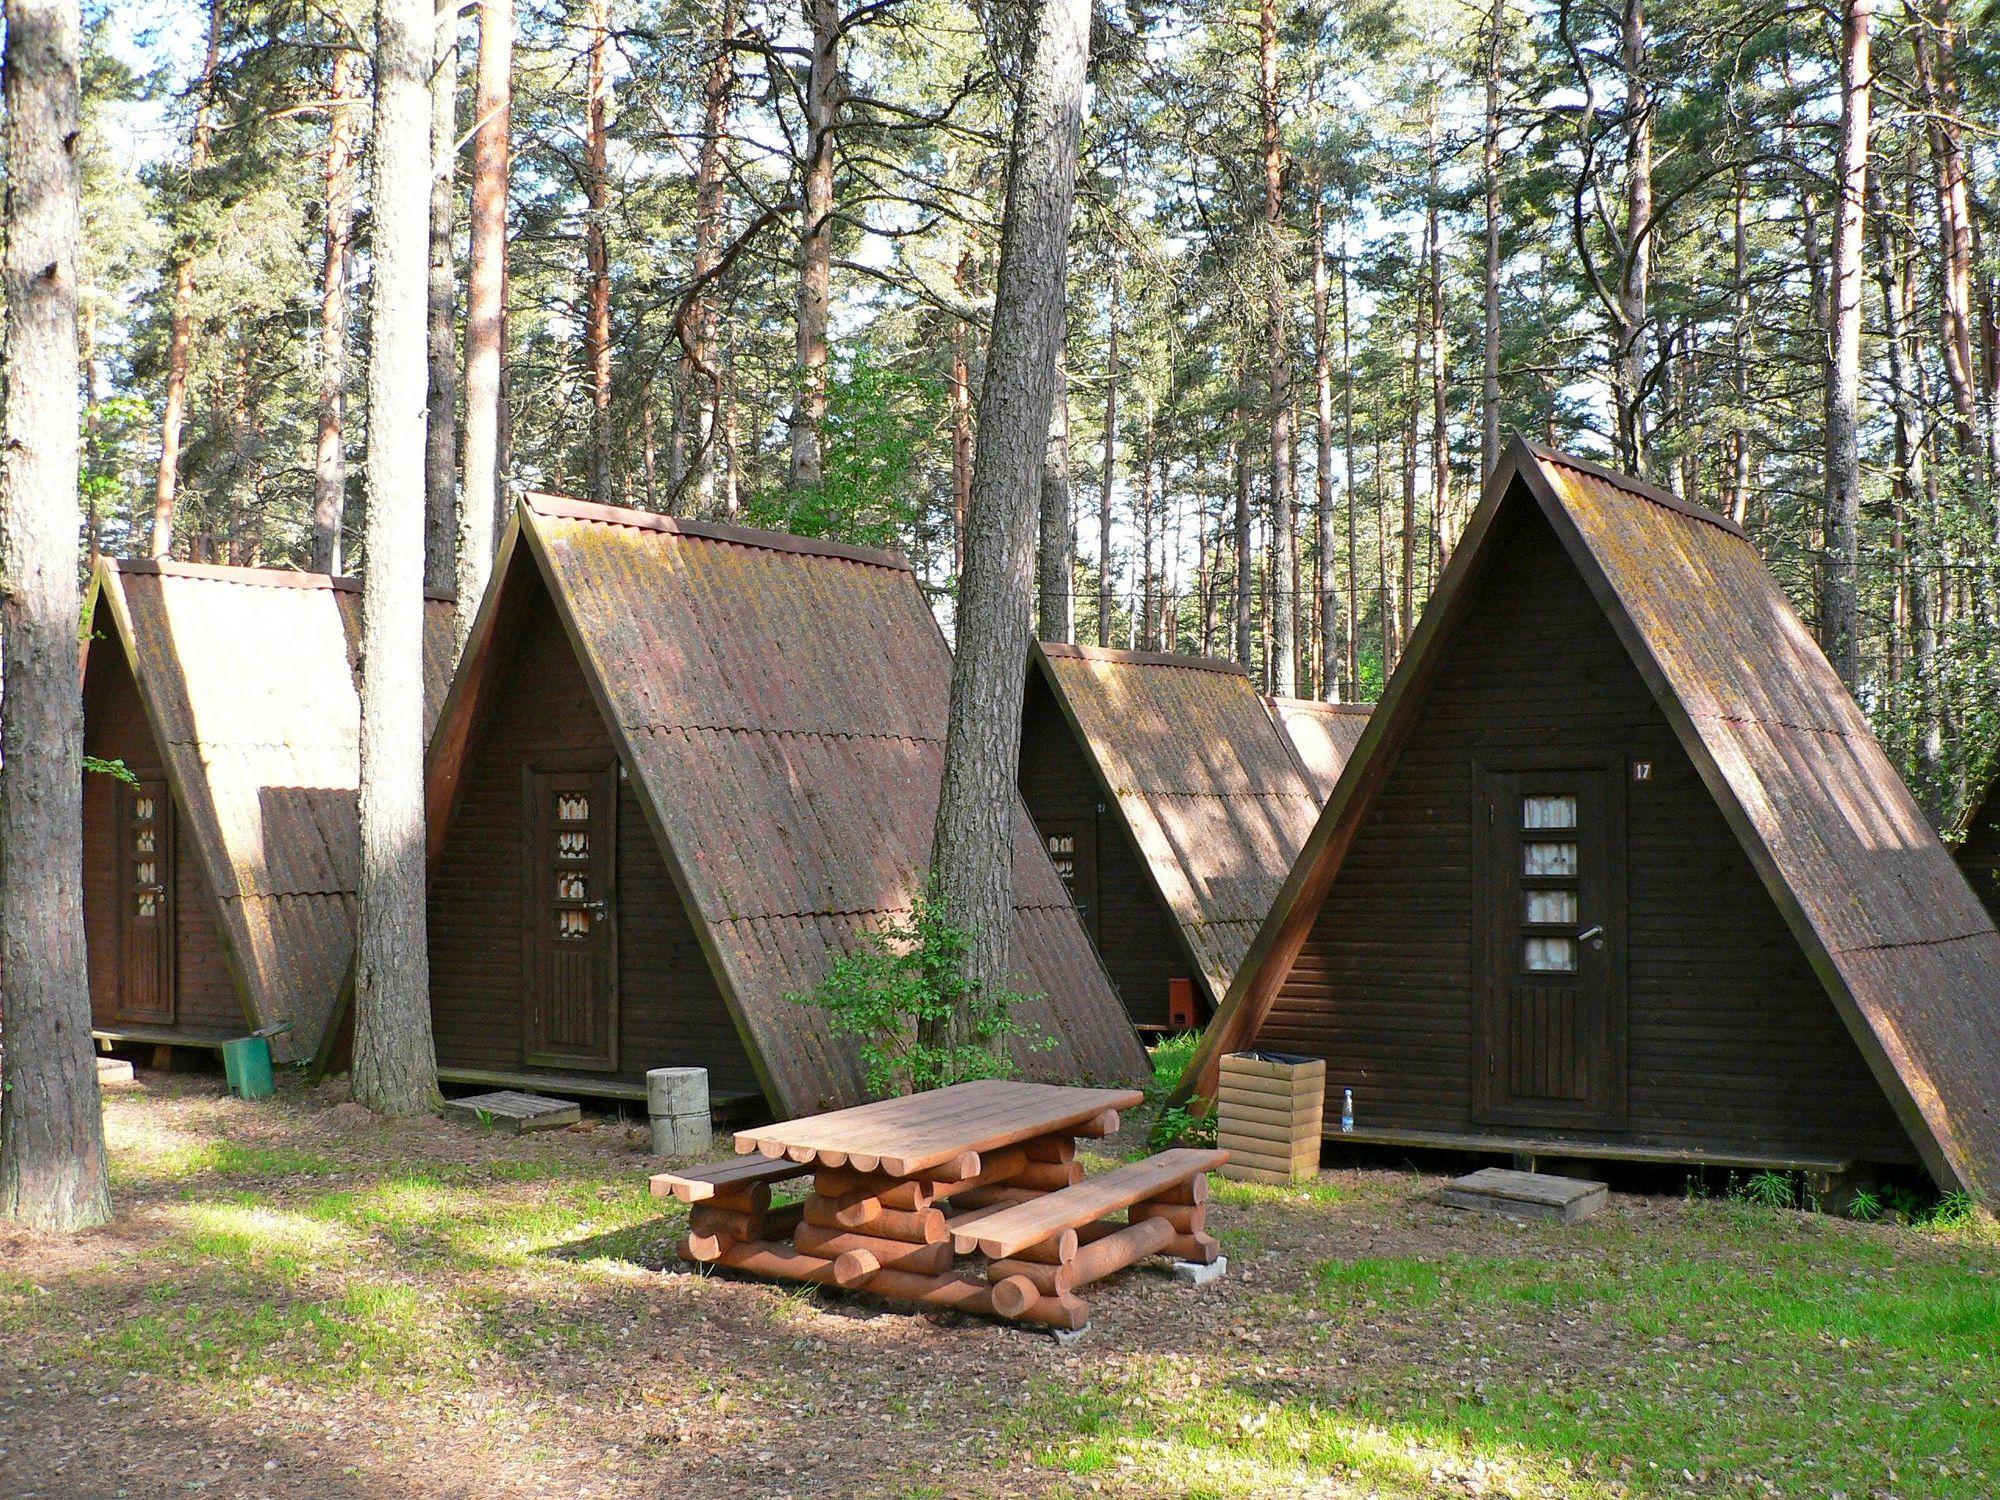 Kauksin lomakylään tuotiin aikoinaan bussilasteittain väkeä Moskovasta ja Pietarista. Kun Viro itsenäistyi uudelleen 30 vuotta sitten, alueen mökkimajat rakennettiin entiseen asuunsa.